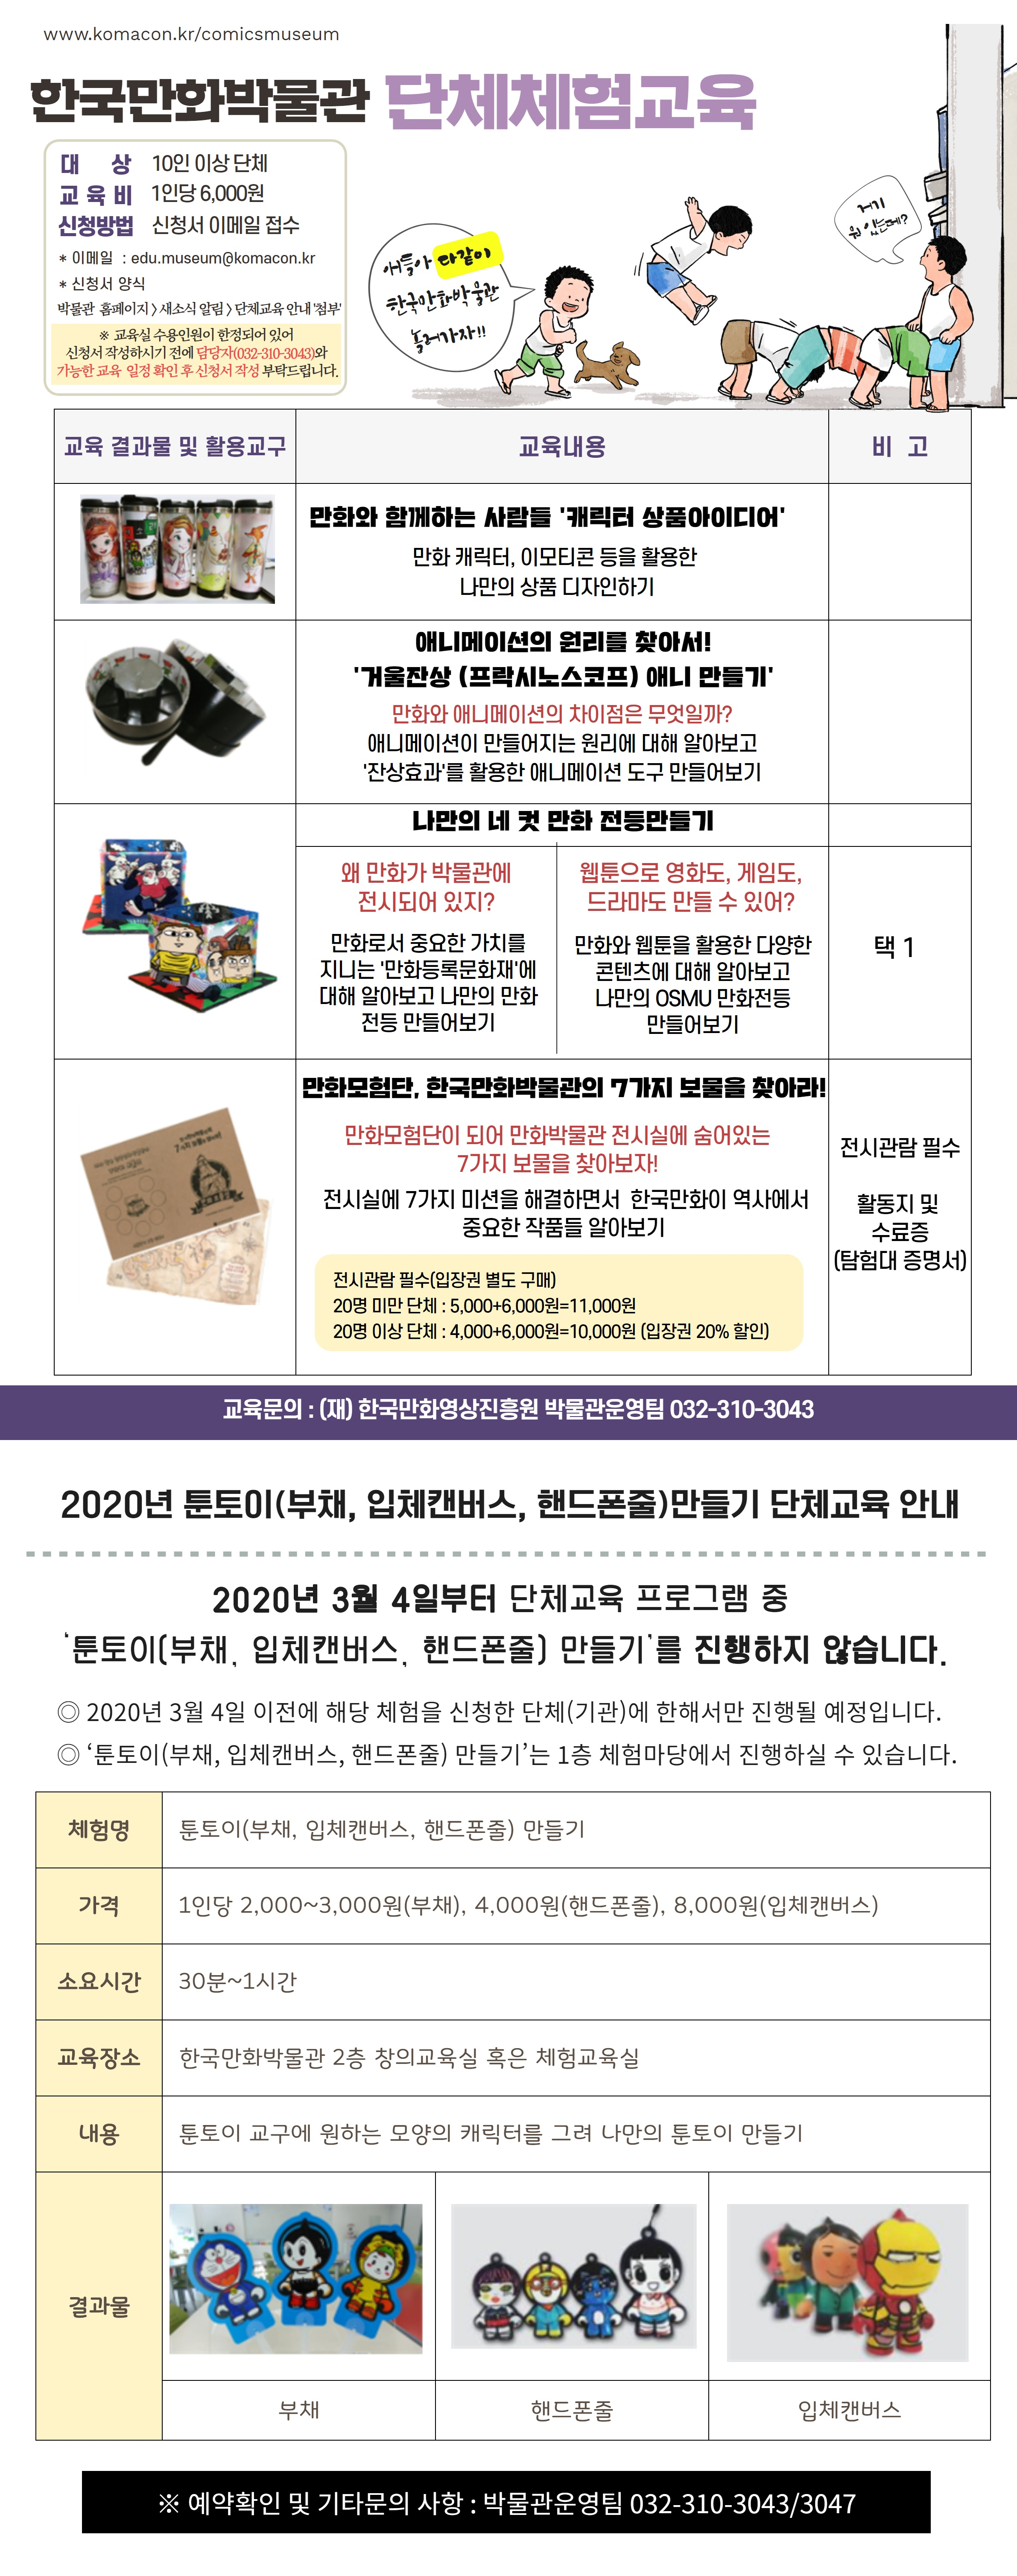 2020년 한국만화박물관 단체교육 안내문(홈페이지용).jpg